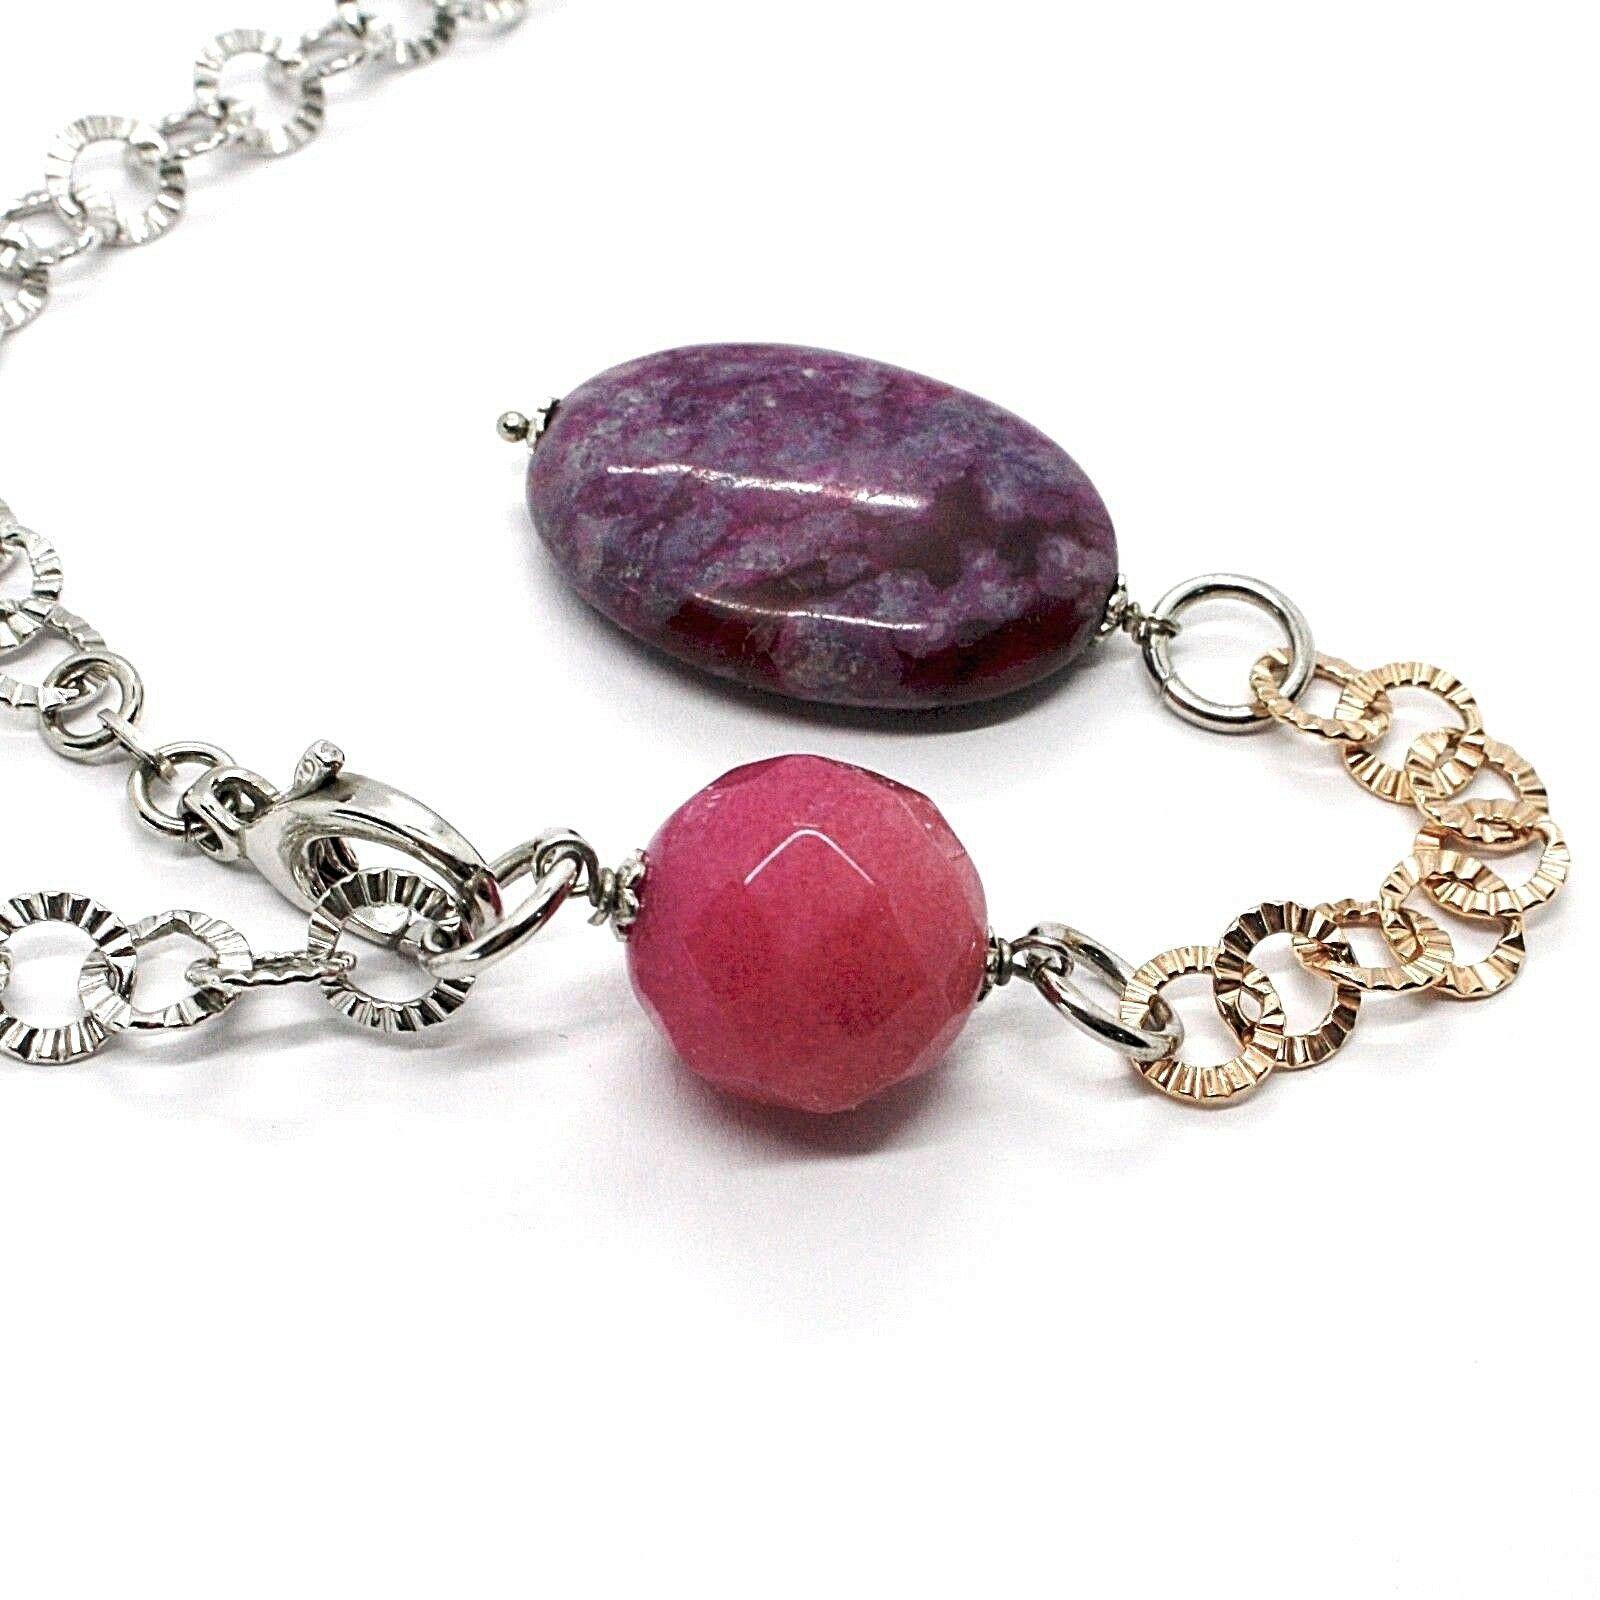 925 Silber Halskette Pink, Jade Violet Oval, Kette Rolo Strukturiertes